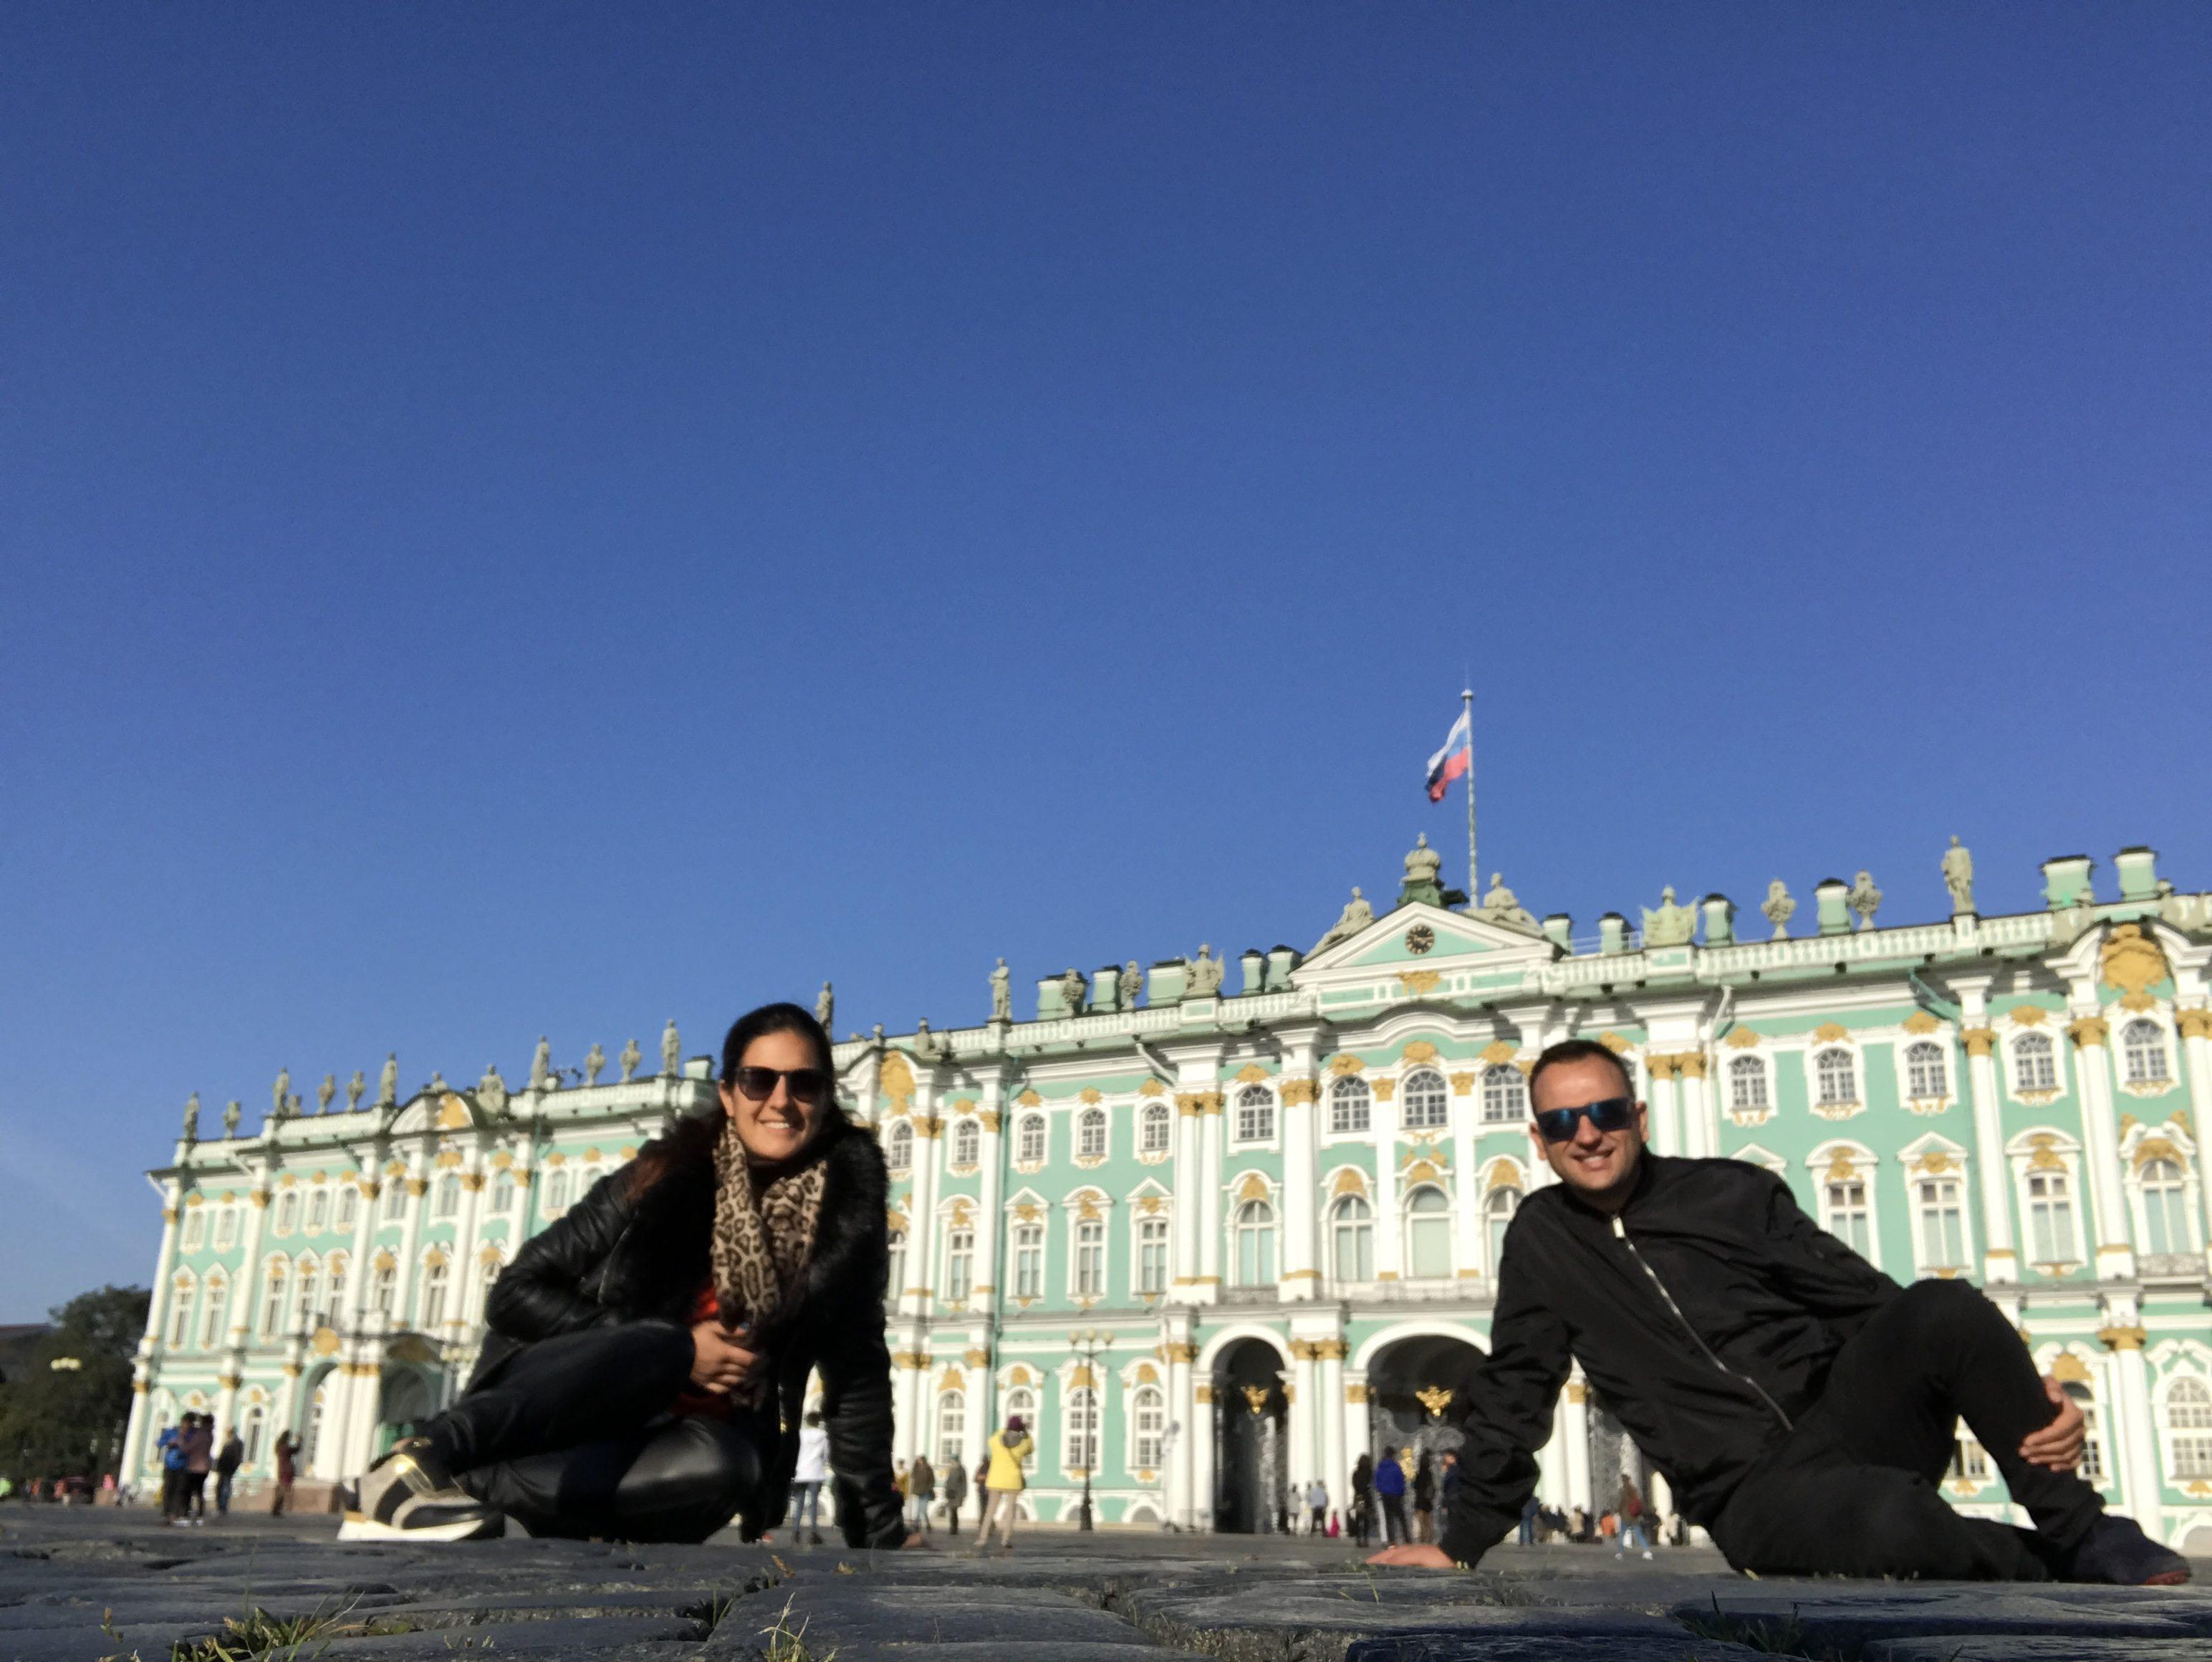 São Petersburgo – A cidade do Czar Pedro, O Grande